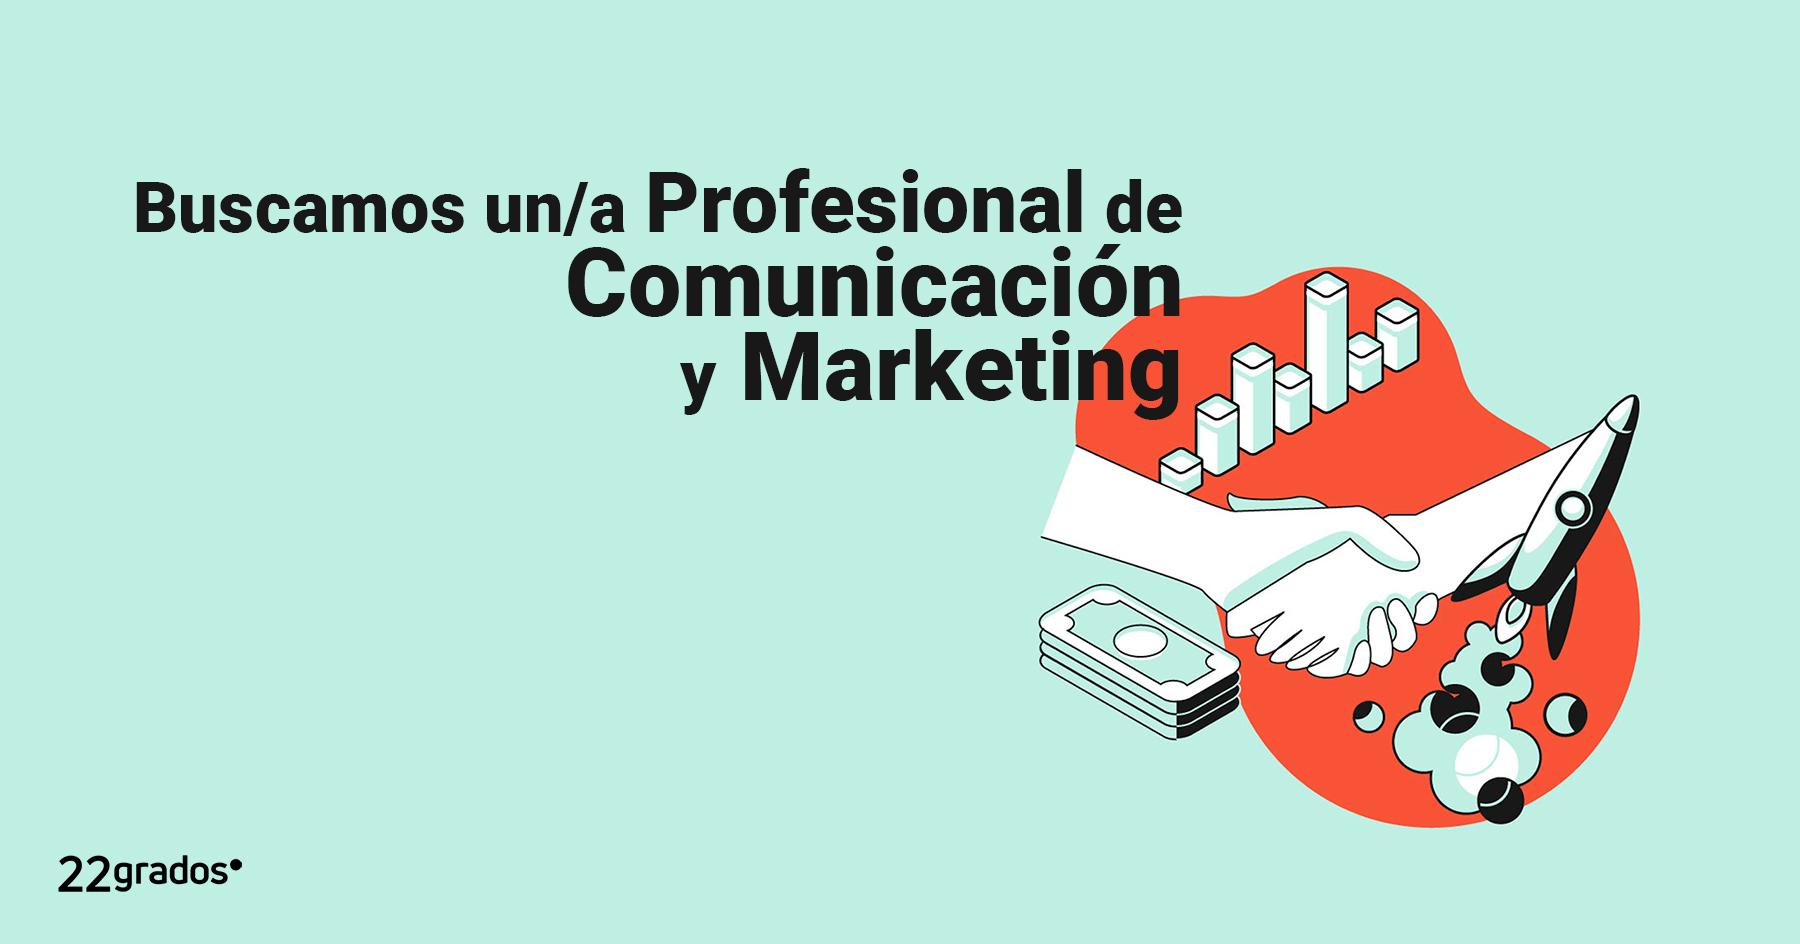 Buscamos un/a Profesional de Comunicación y Marketing